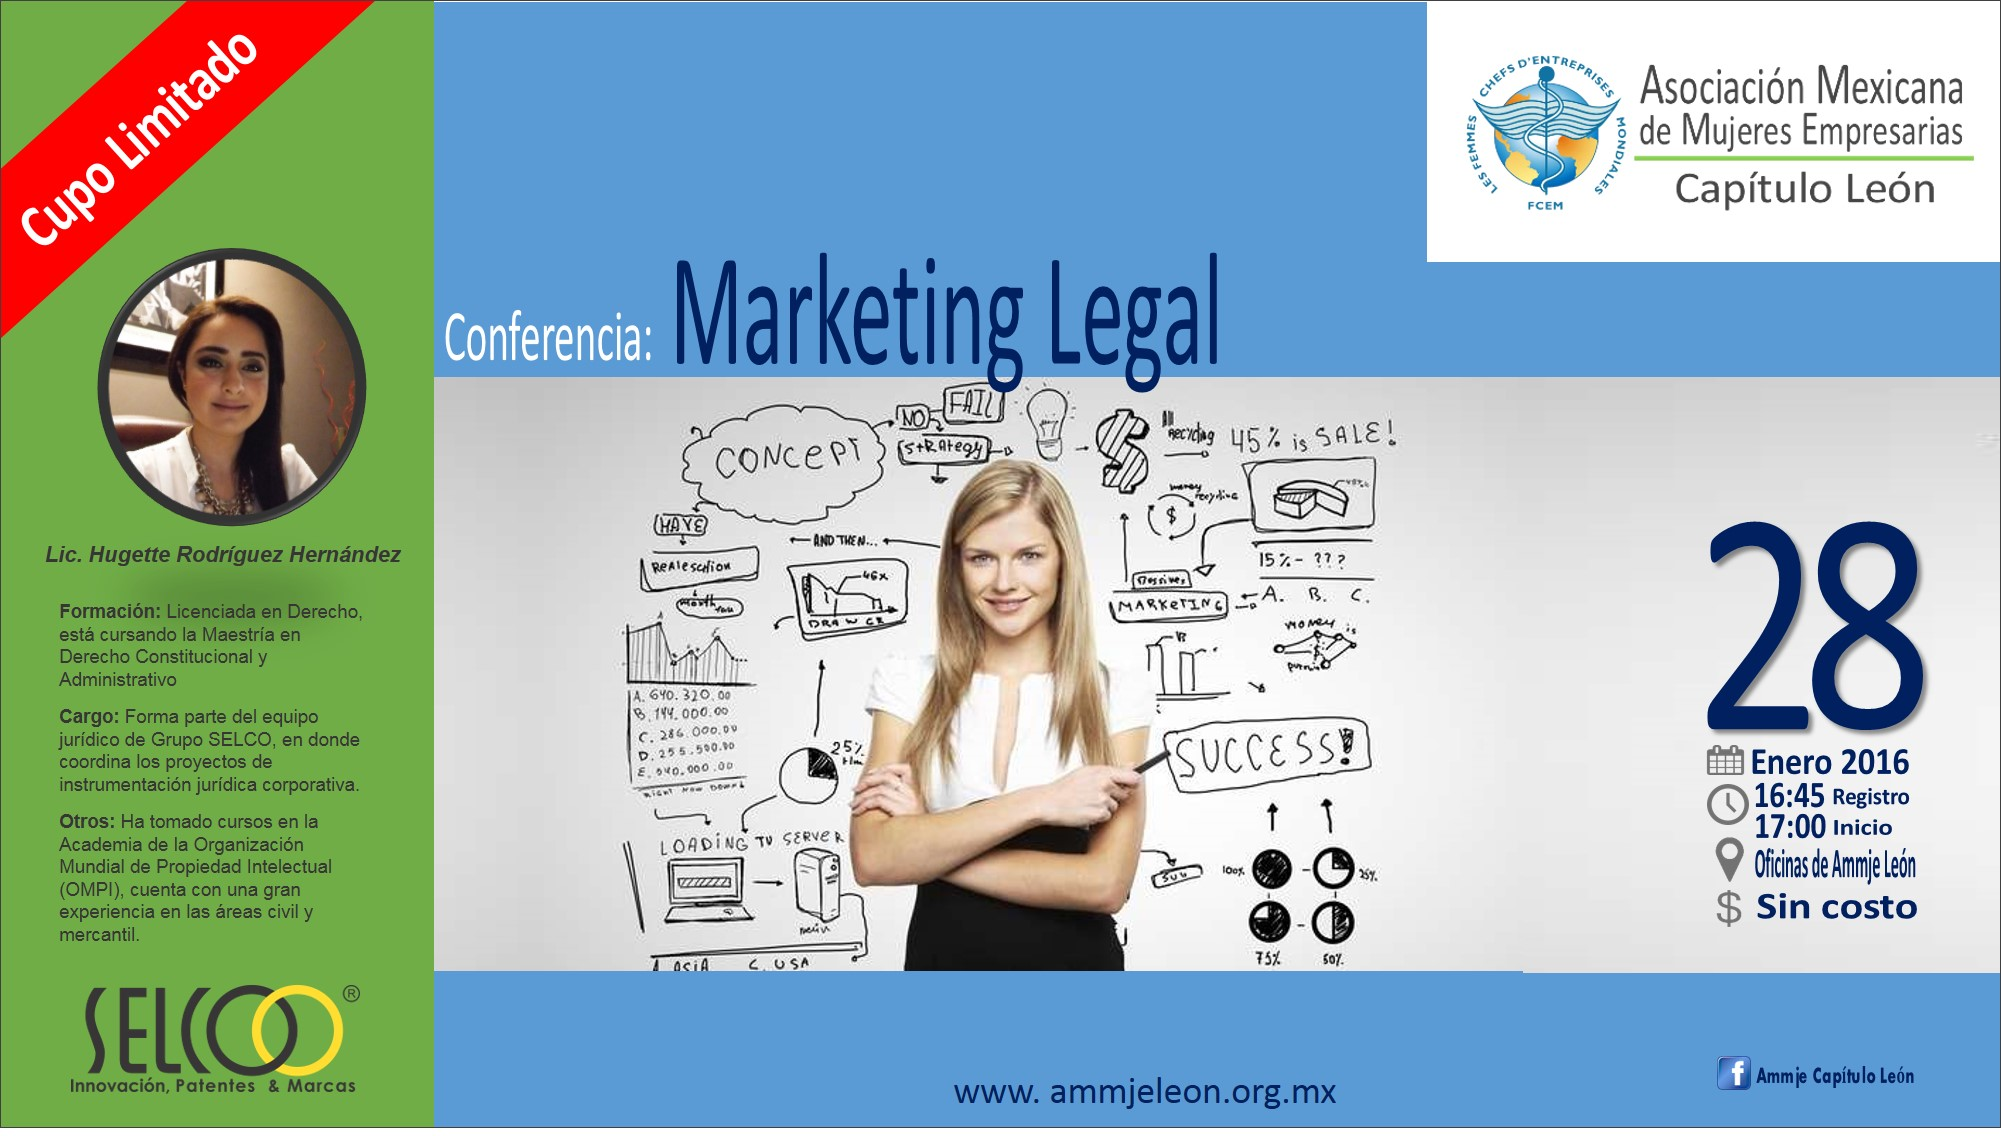 Conferencia Marketing Legal para la AMMJE capitulo León de SELCO ®